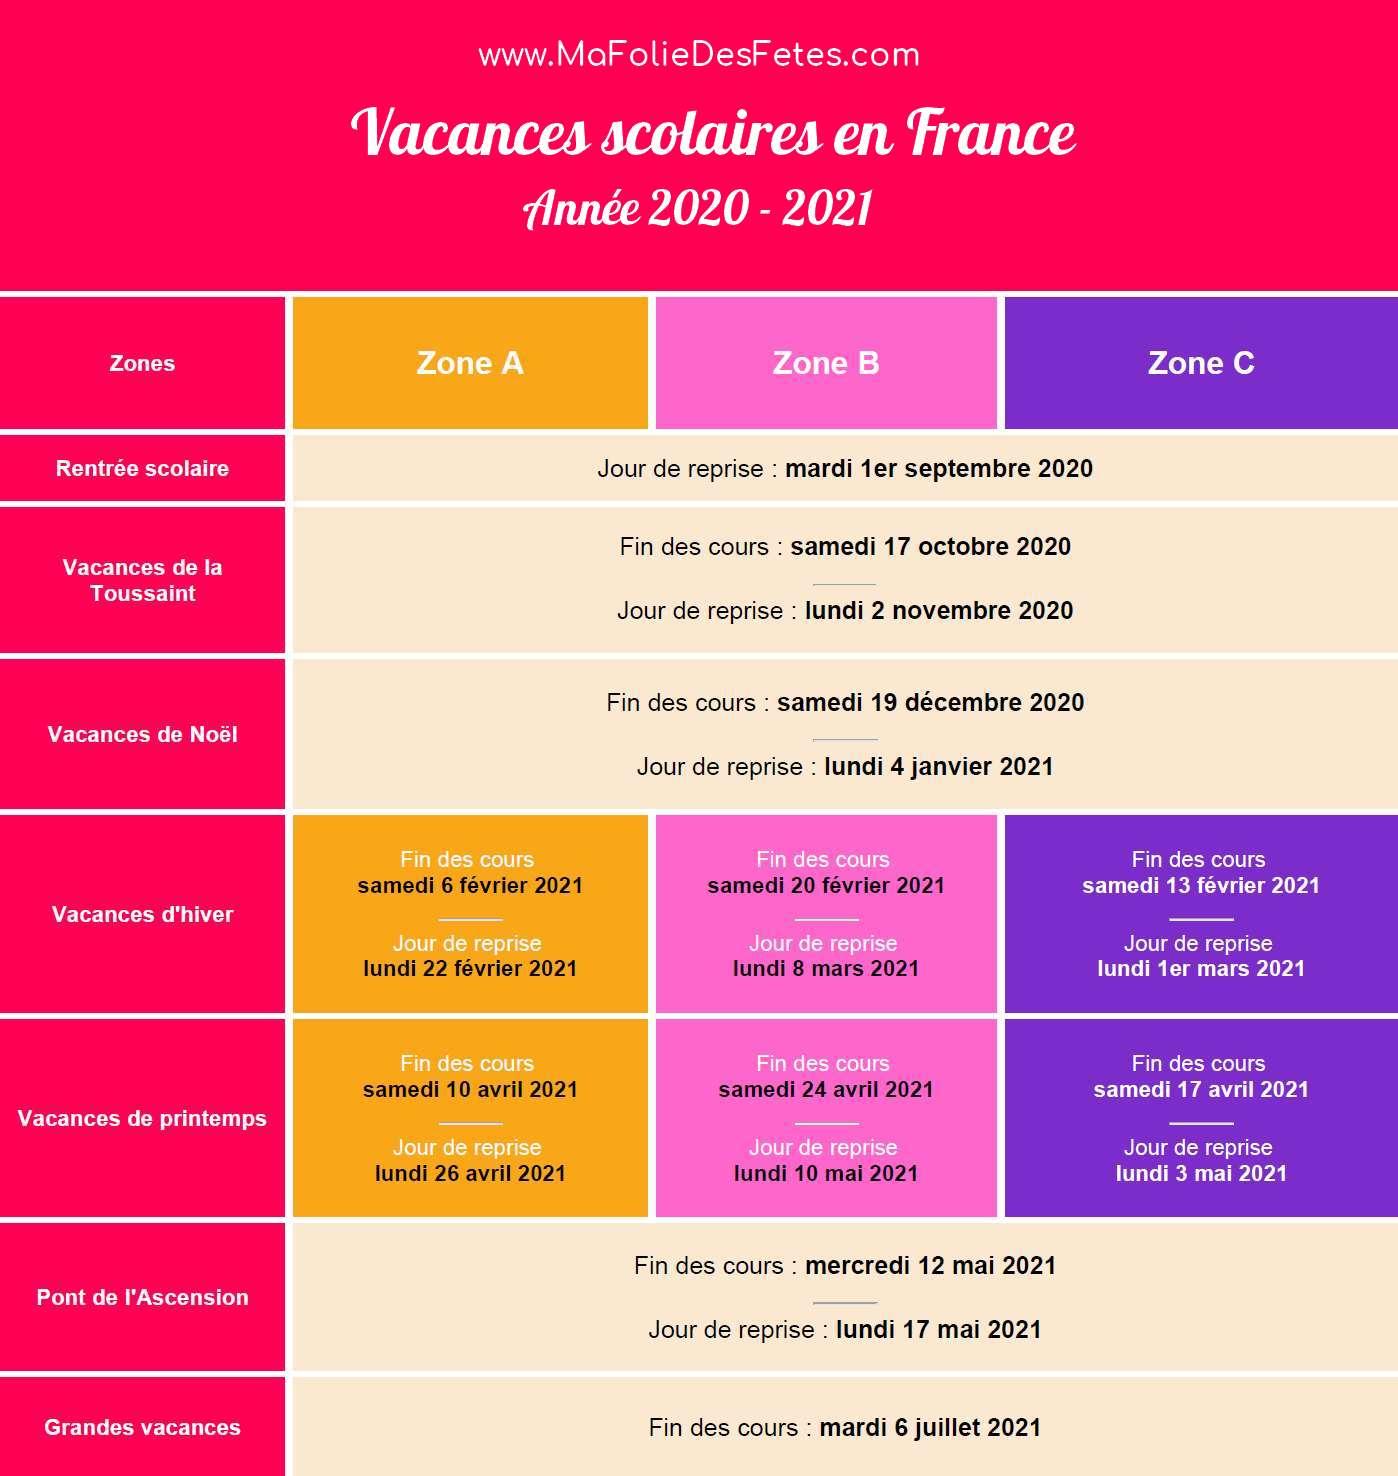 Vacances scolaires 2020-2021 France - Ma Folie Des Fêtes